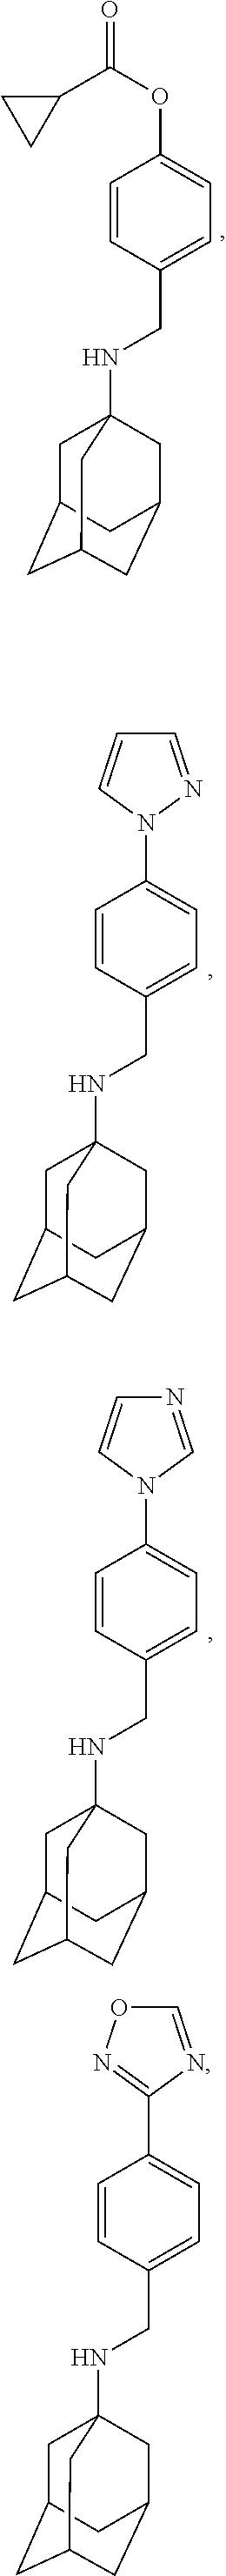 Figure US09884832-20180206-C00111